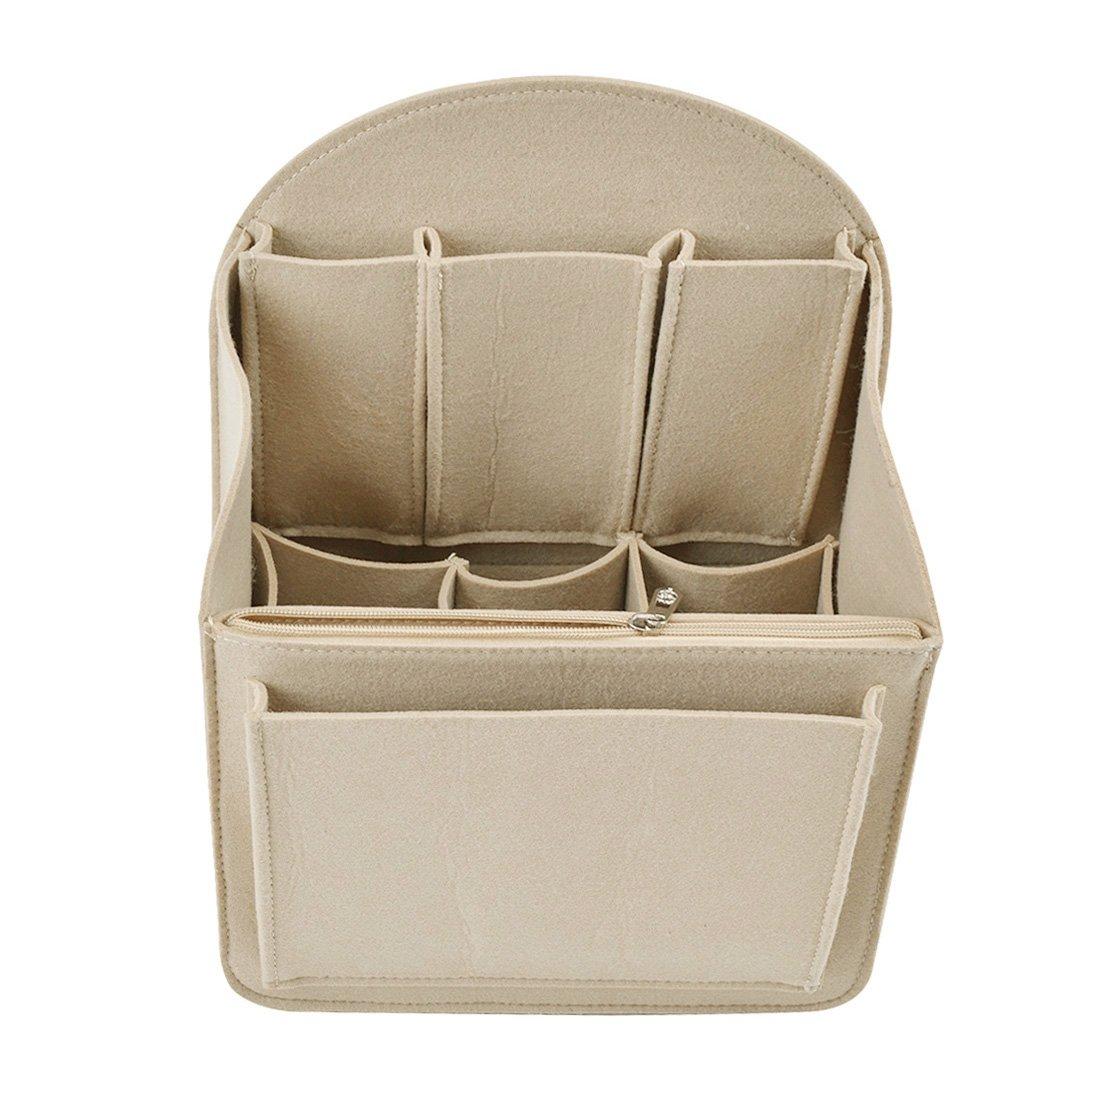 YUENA CARE Insert Bag Felt Backpack Organiser Multi Pocket for Shoulder Bag Handbag Tote